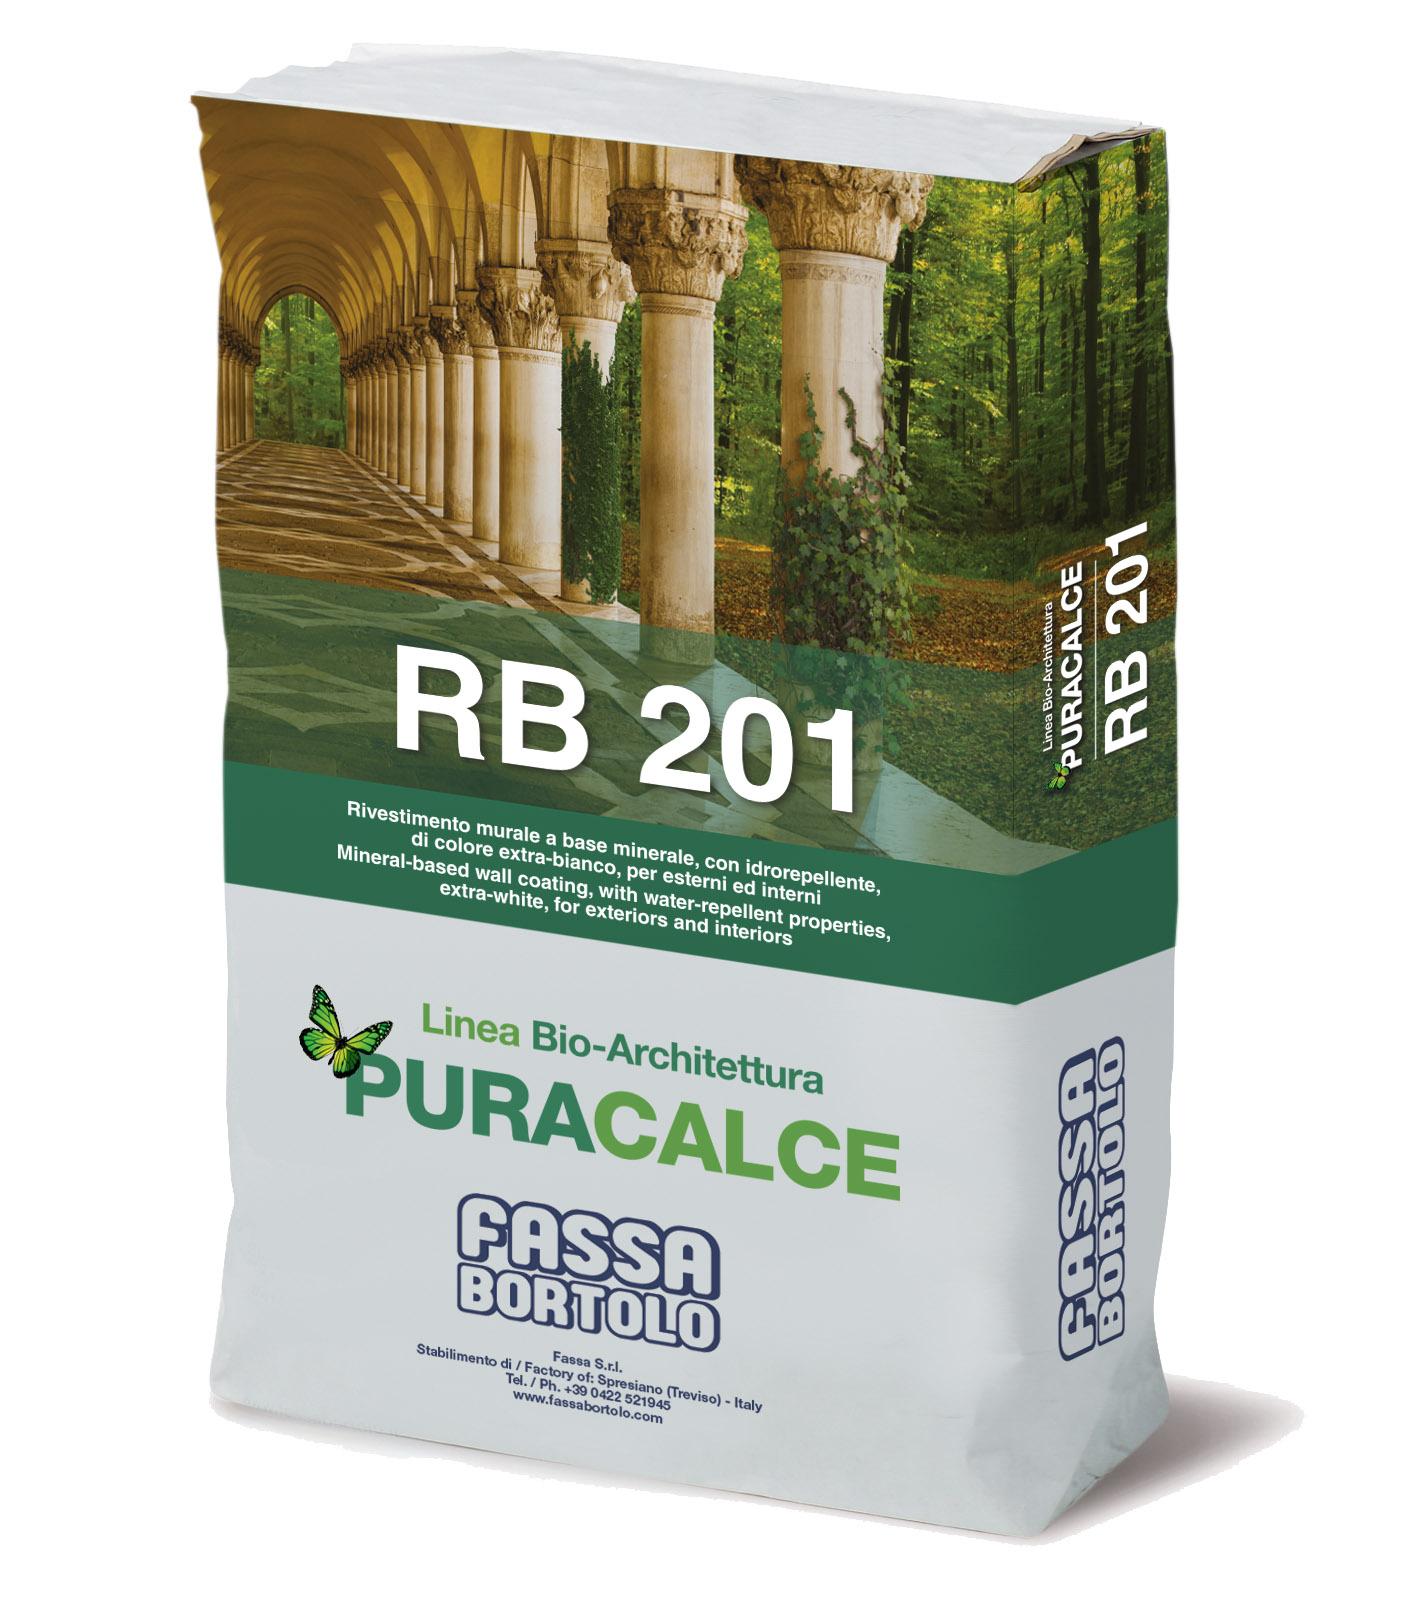 RB 201: Bio-rivestimento murale extra bianco a base minerale per esterni ed interni